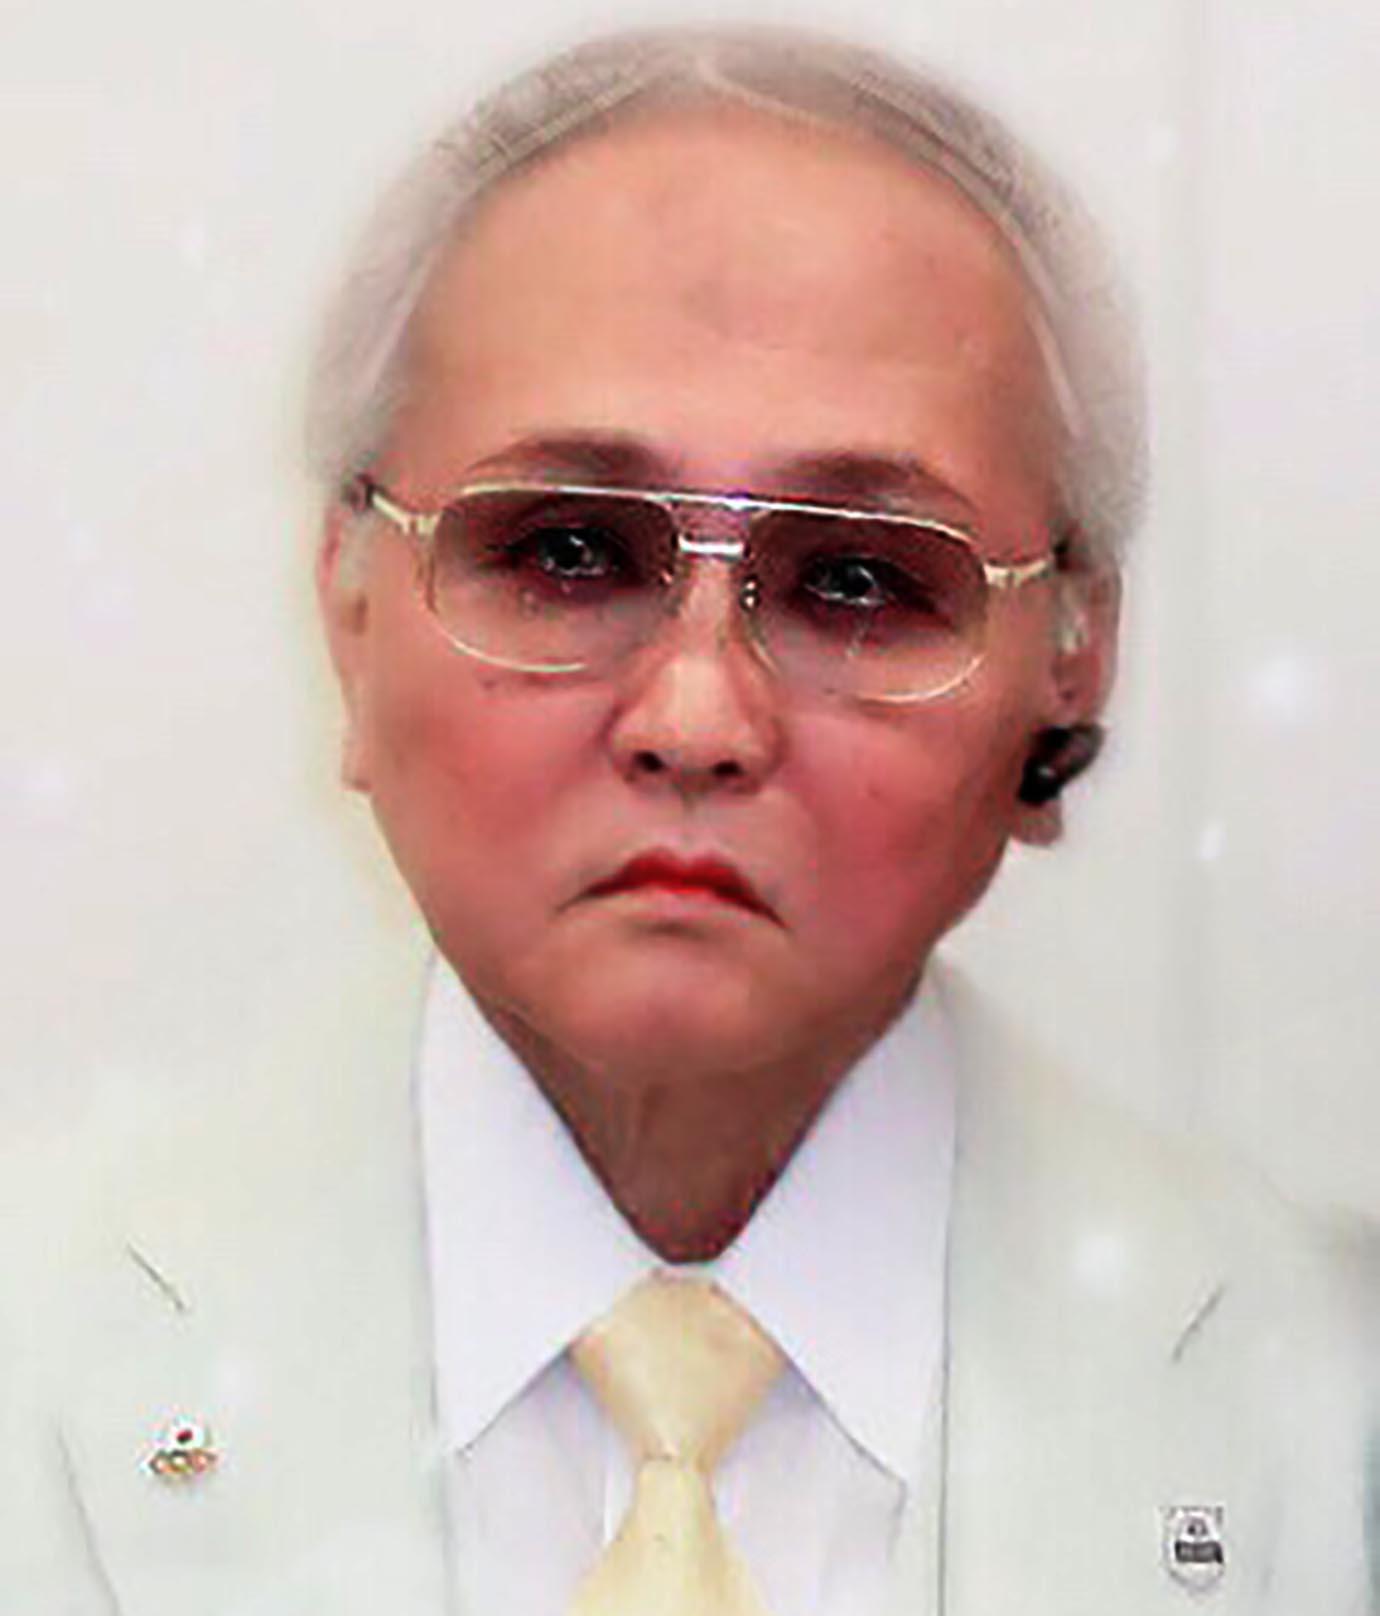 衝撃事実】ボクシング山根明会長...